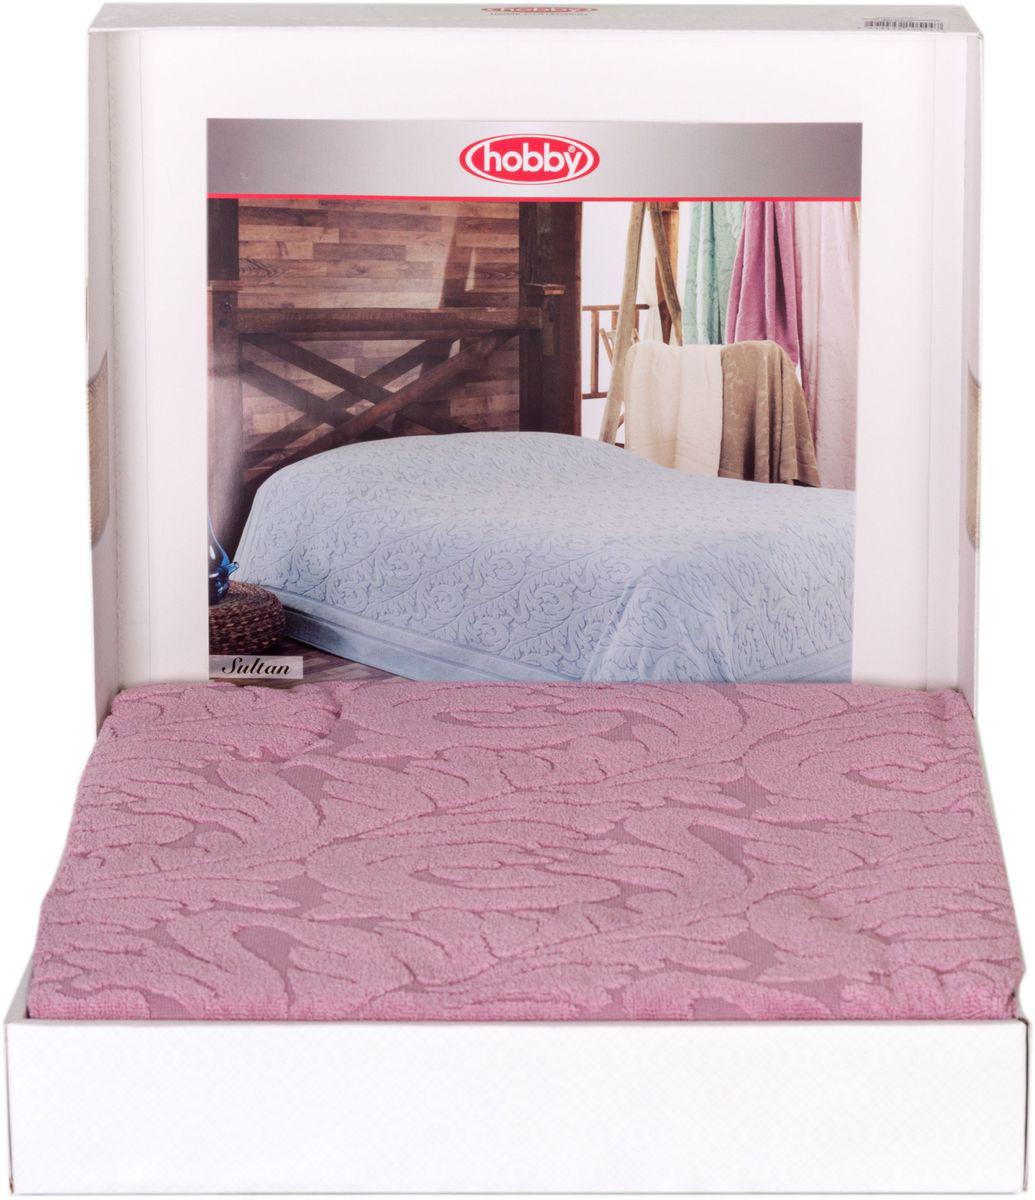 Покрывало Hobby Home Collection Sultan, цвет: розовый, 200 х 220 см1501001010Шикарное покрывало Hobby Home Collection Sultan изготовлено из 100% хлопка высшей категории. Оно обладает замечательными дышащими свойствами и будет хорошо смотреться как на диване, так и на большой кровати. Данное покрывало можно также использовать в качестве одеяла.